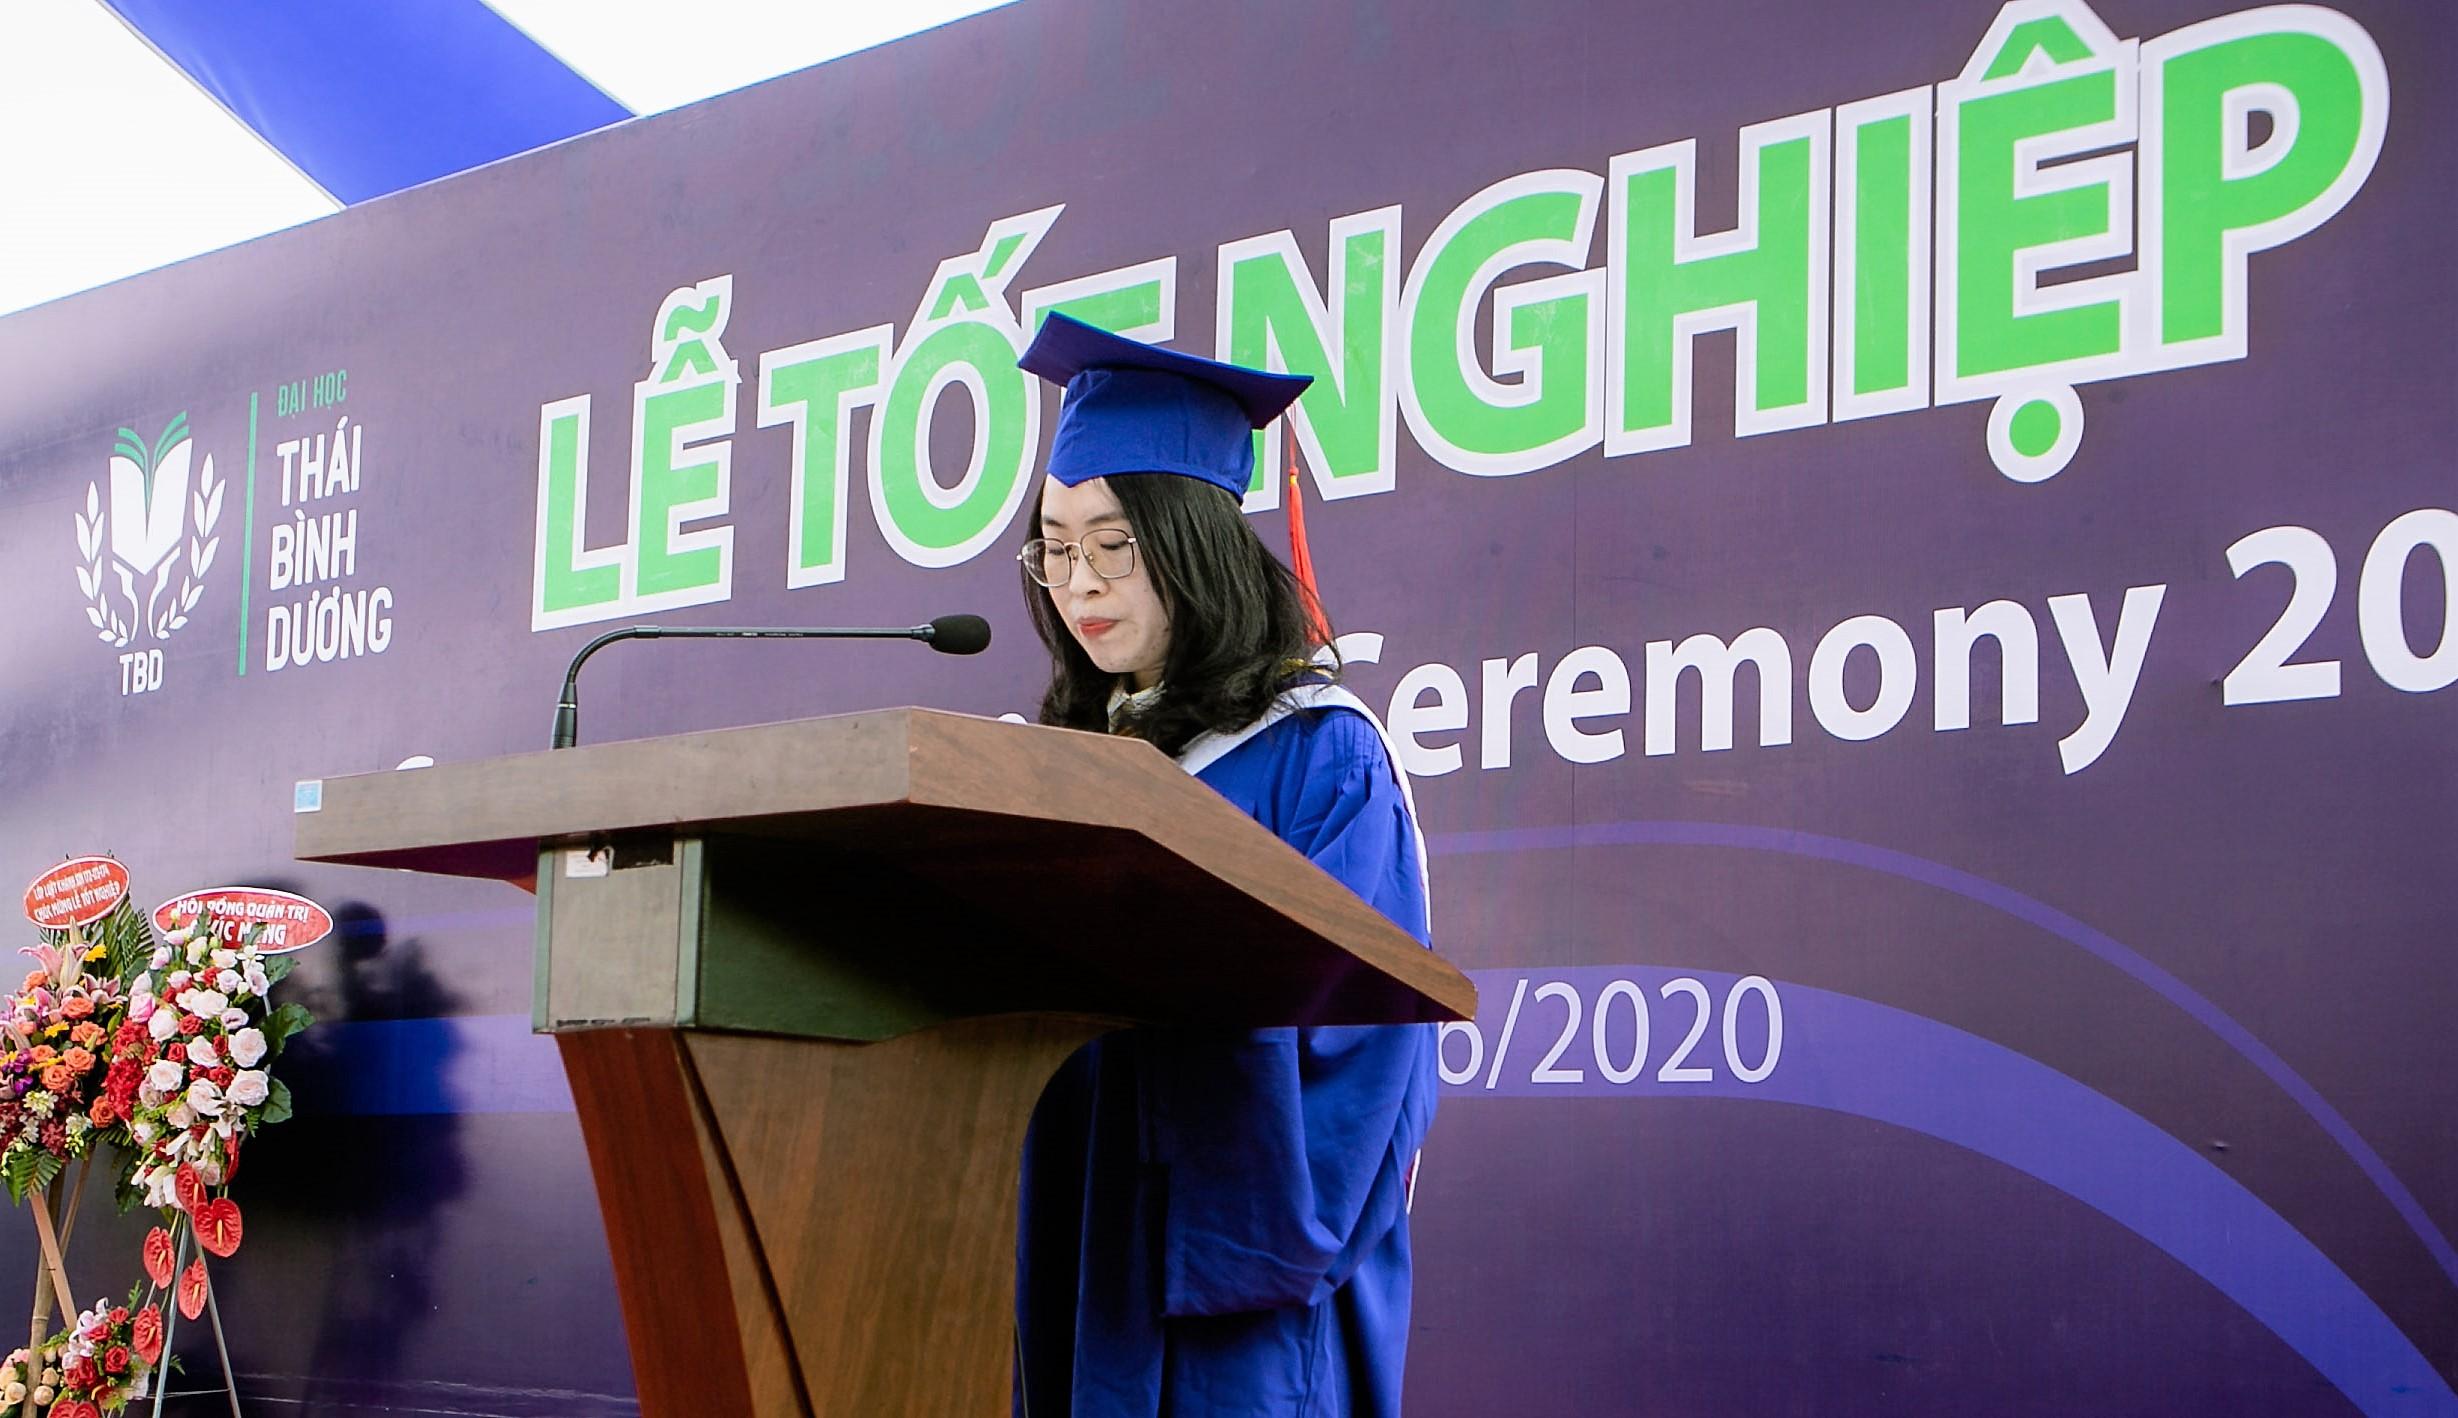 Phát biểu tri ân của Tân Thủ khoa Tốt nghiệp Nguyễn Thu Thảo